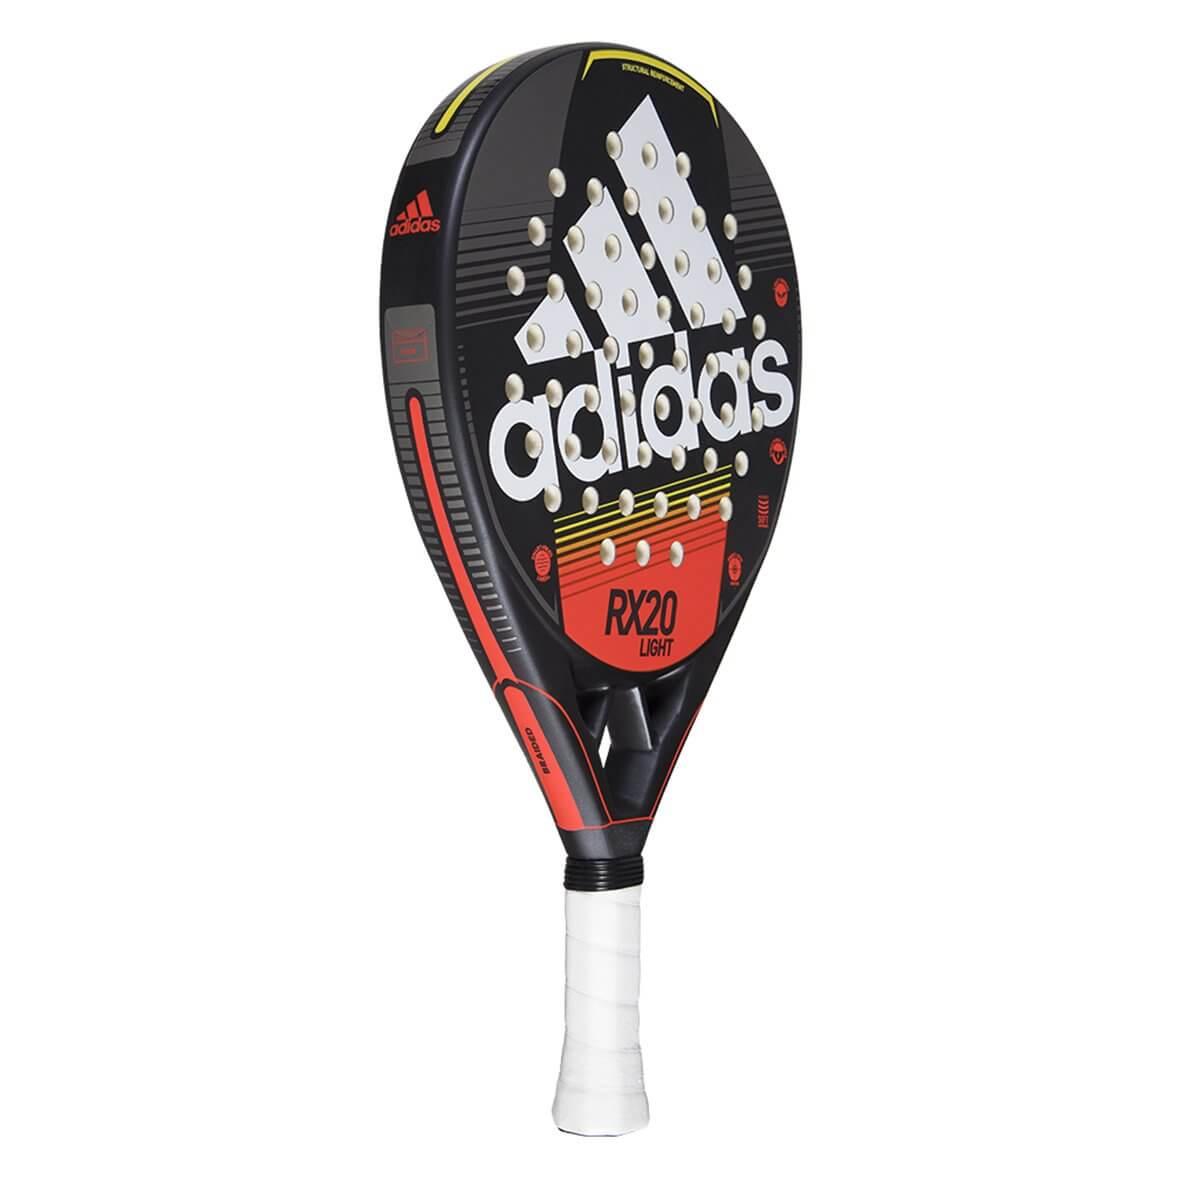 Adidas RX20 Light 2